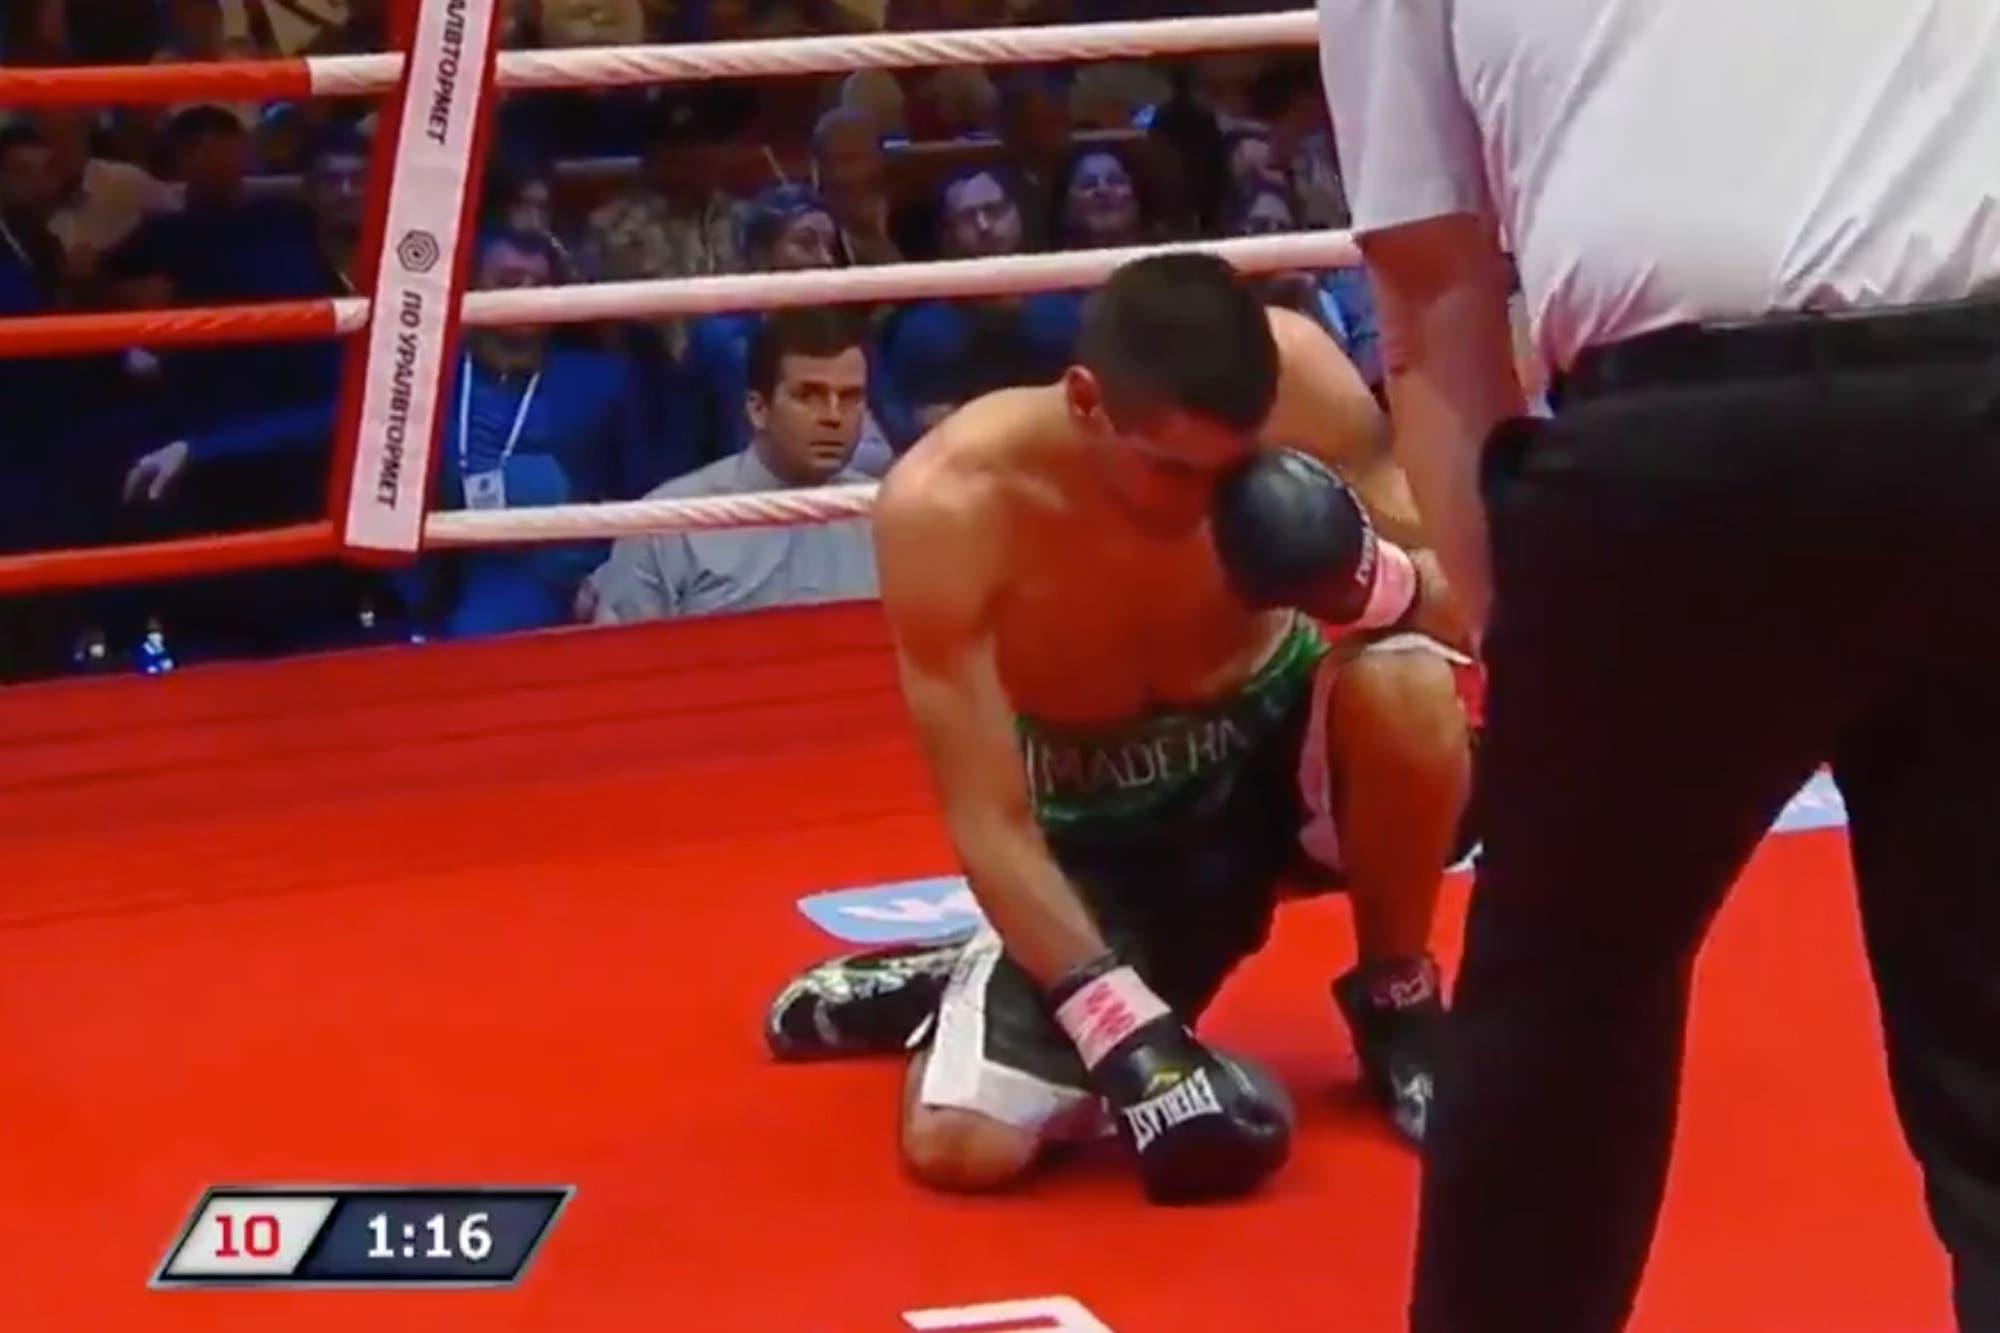 Boxeo: la derrota por KO que el argentino Ezequiel Maderna sufrió en la Plaza Roja de Moscú